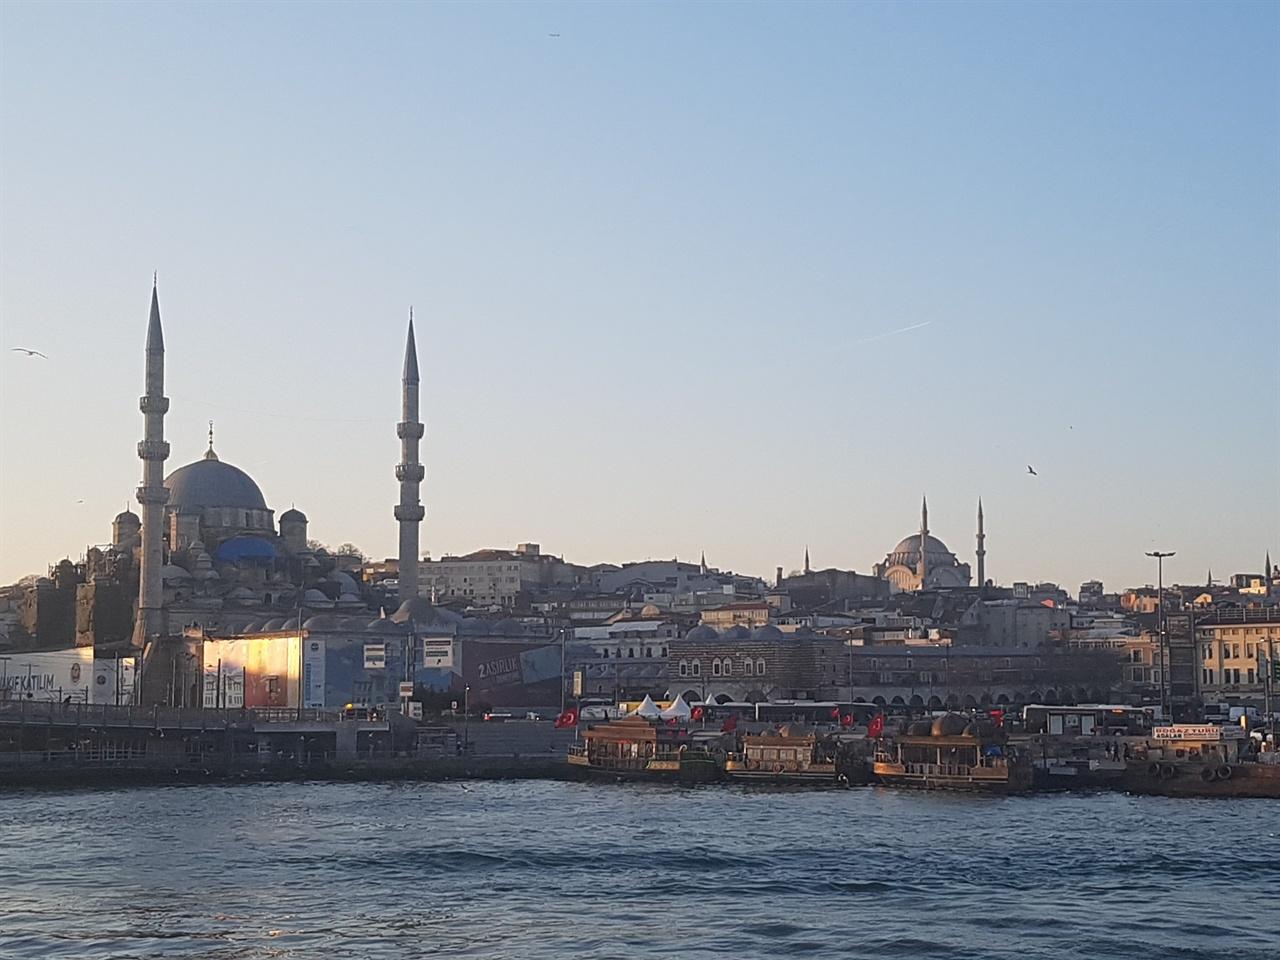 보스포루스 해협에서 보는 이스탄불의 모스크. 첨탑의 위용이 대단합니다.